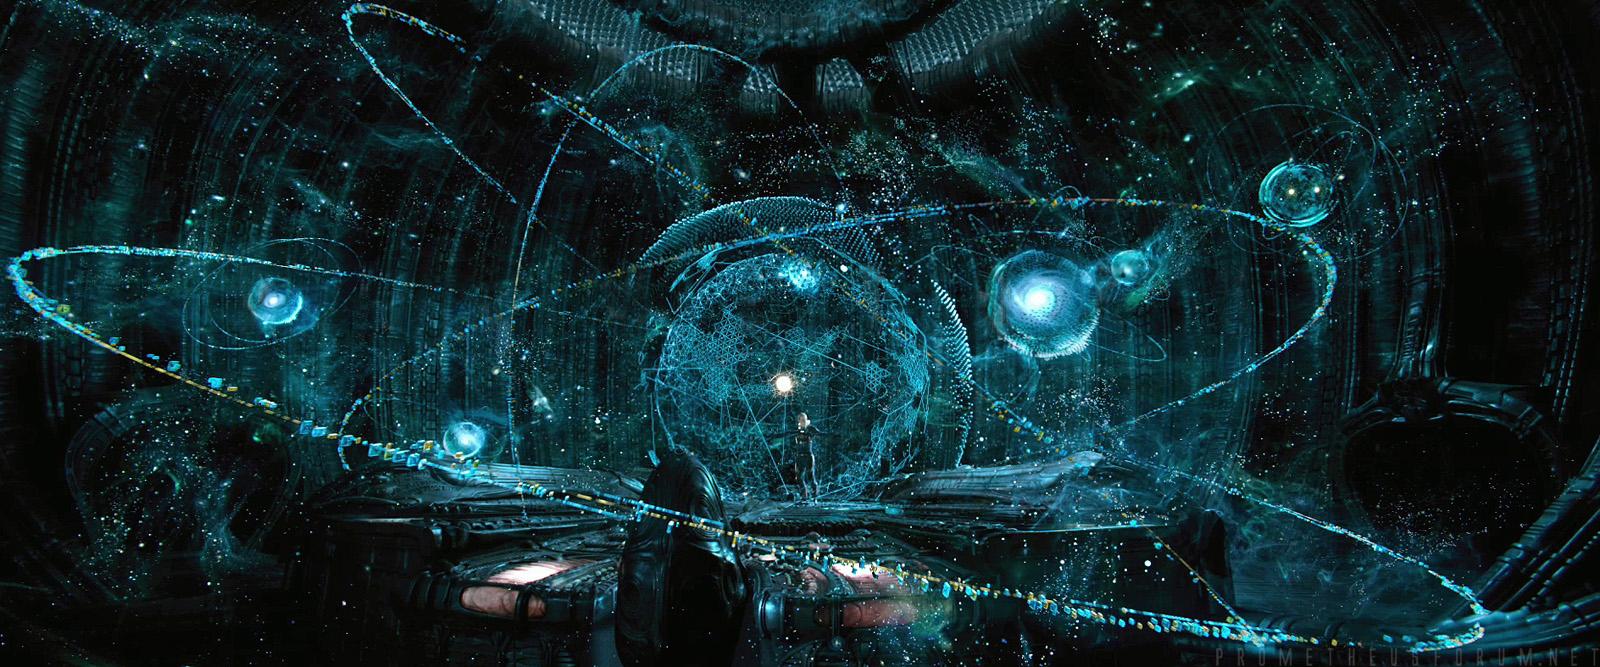 Alien-Technology-From-Prometheus1.jpg